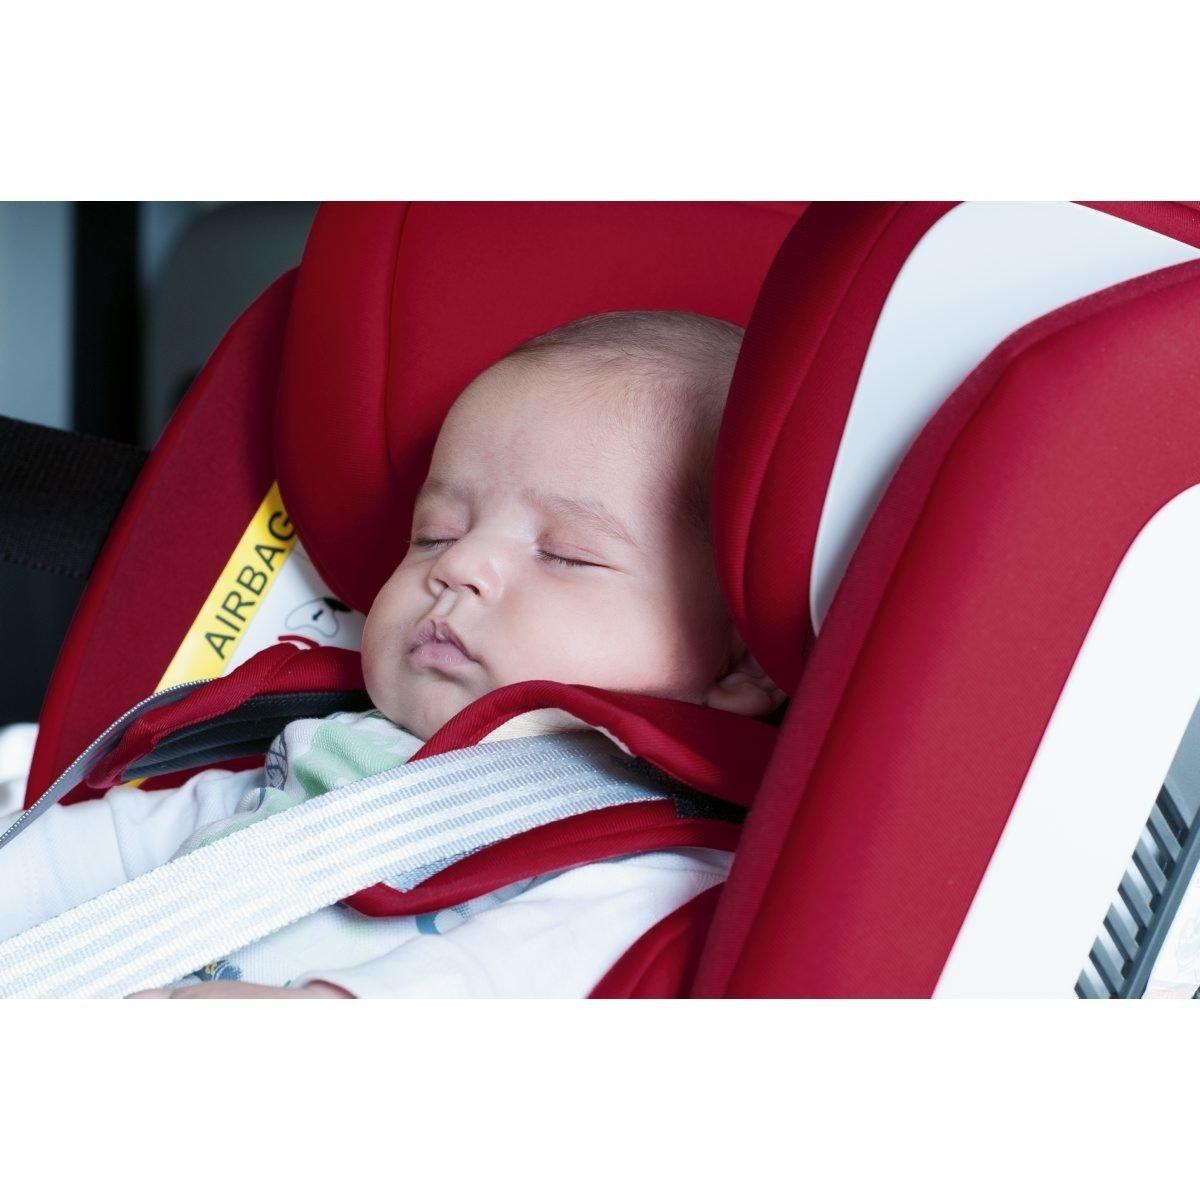 Автокресло Chicco Seat-up Red Passion (+ Защитный чехол СМЕШАРИКИ в подарок!)